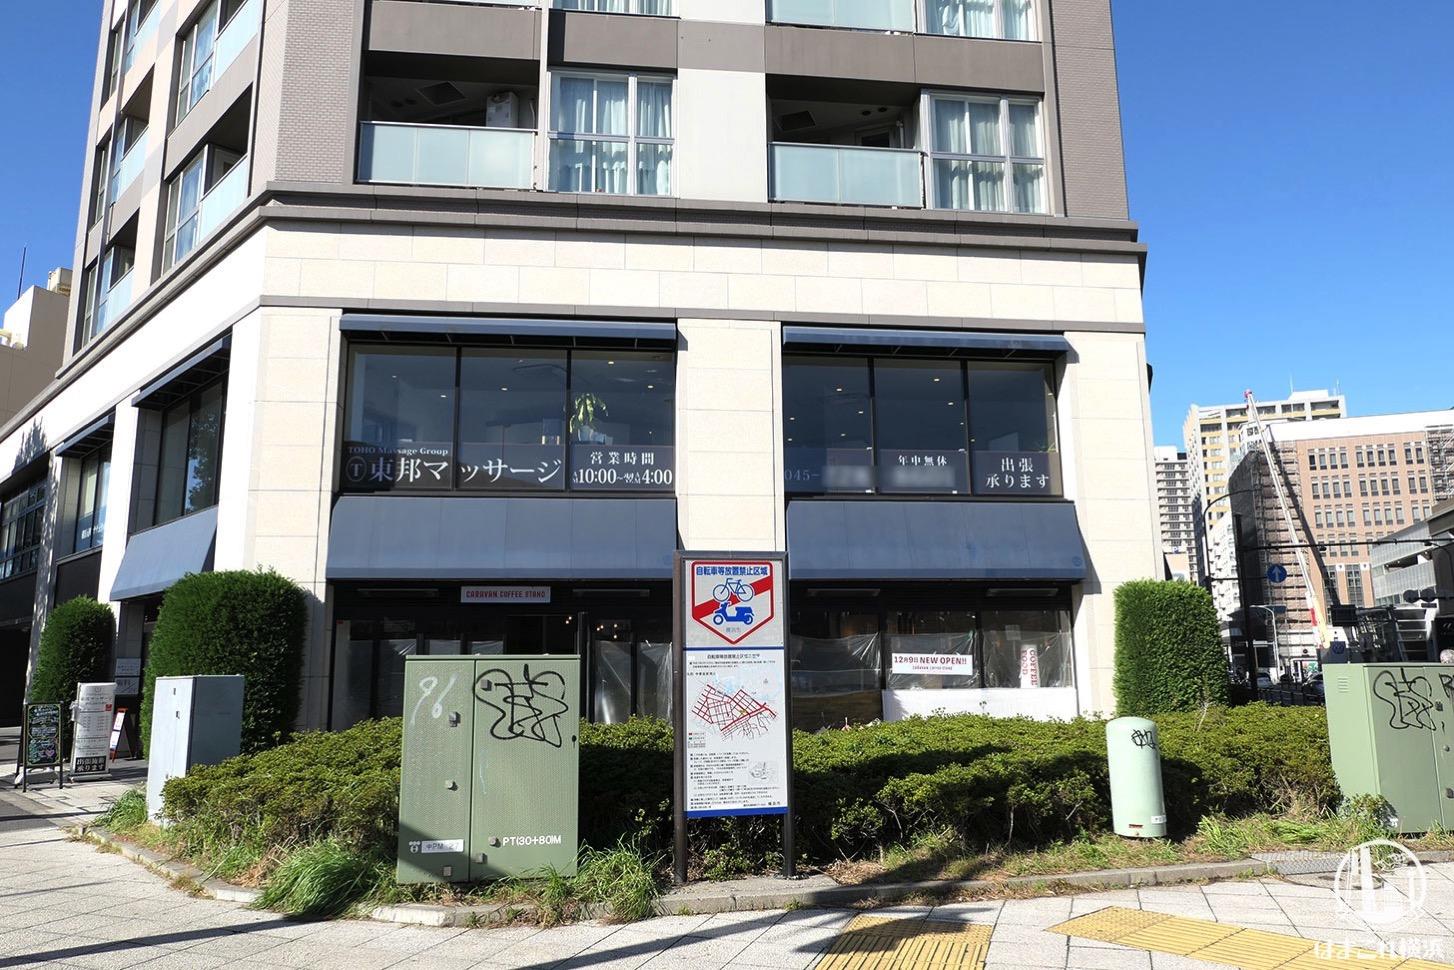 キャラバンコーヒースタンドが横浜・山下町のCAFE88跡地にオープン予定